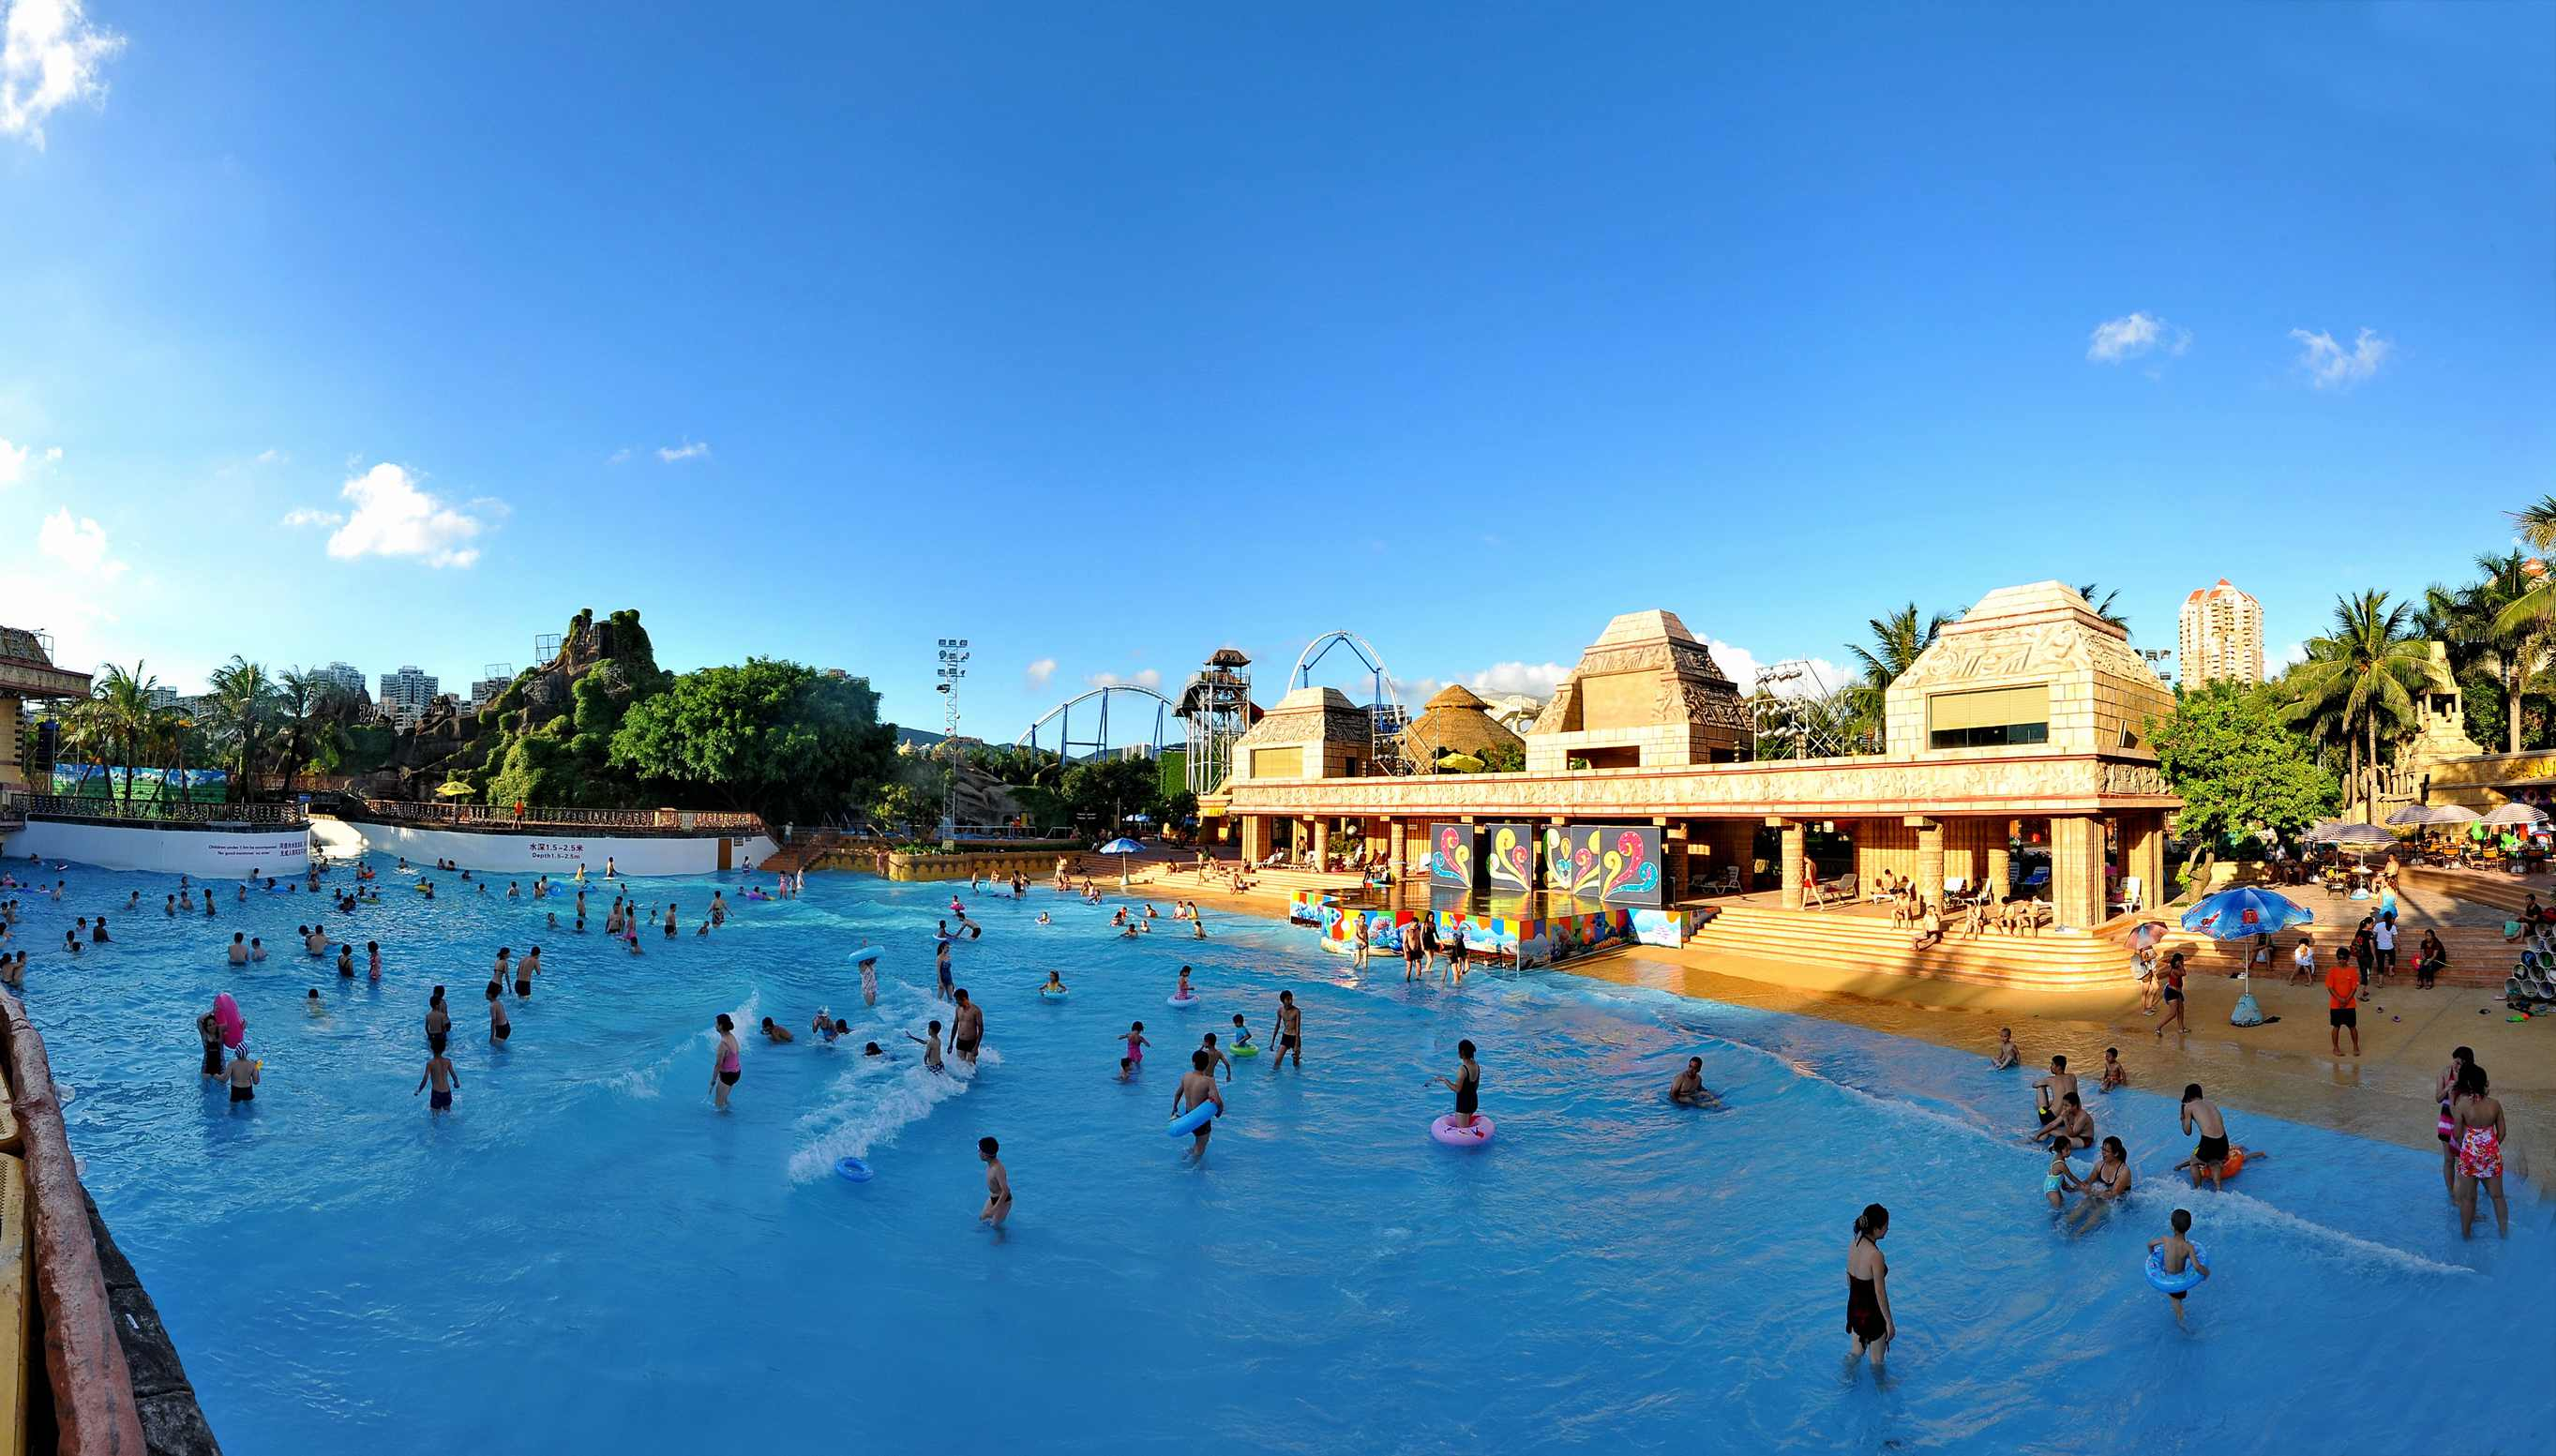 深圳欢乐谷玛雅水公园换泳衣在什么地方,怎么收费?